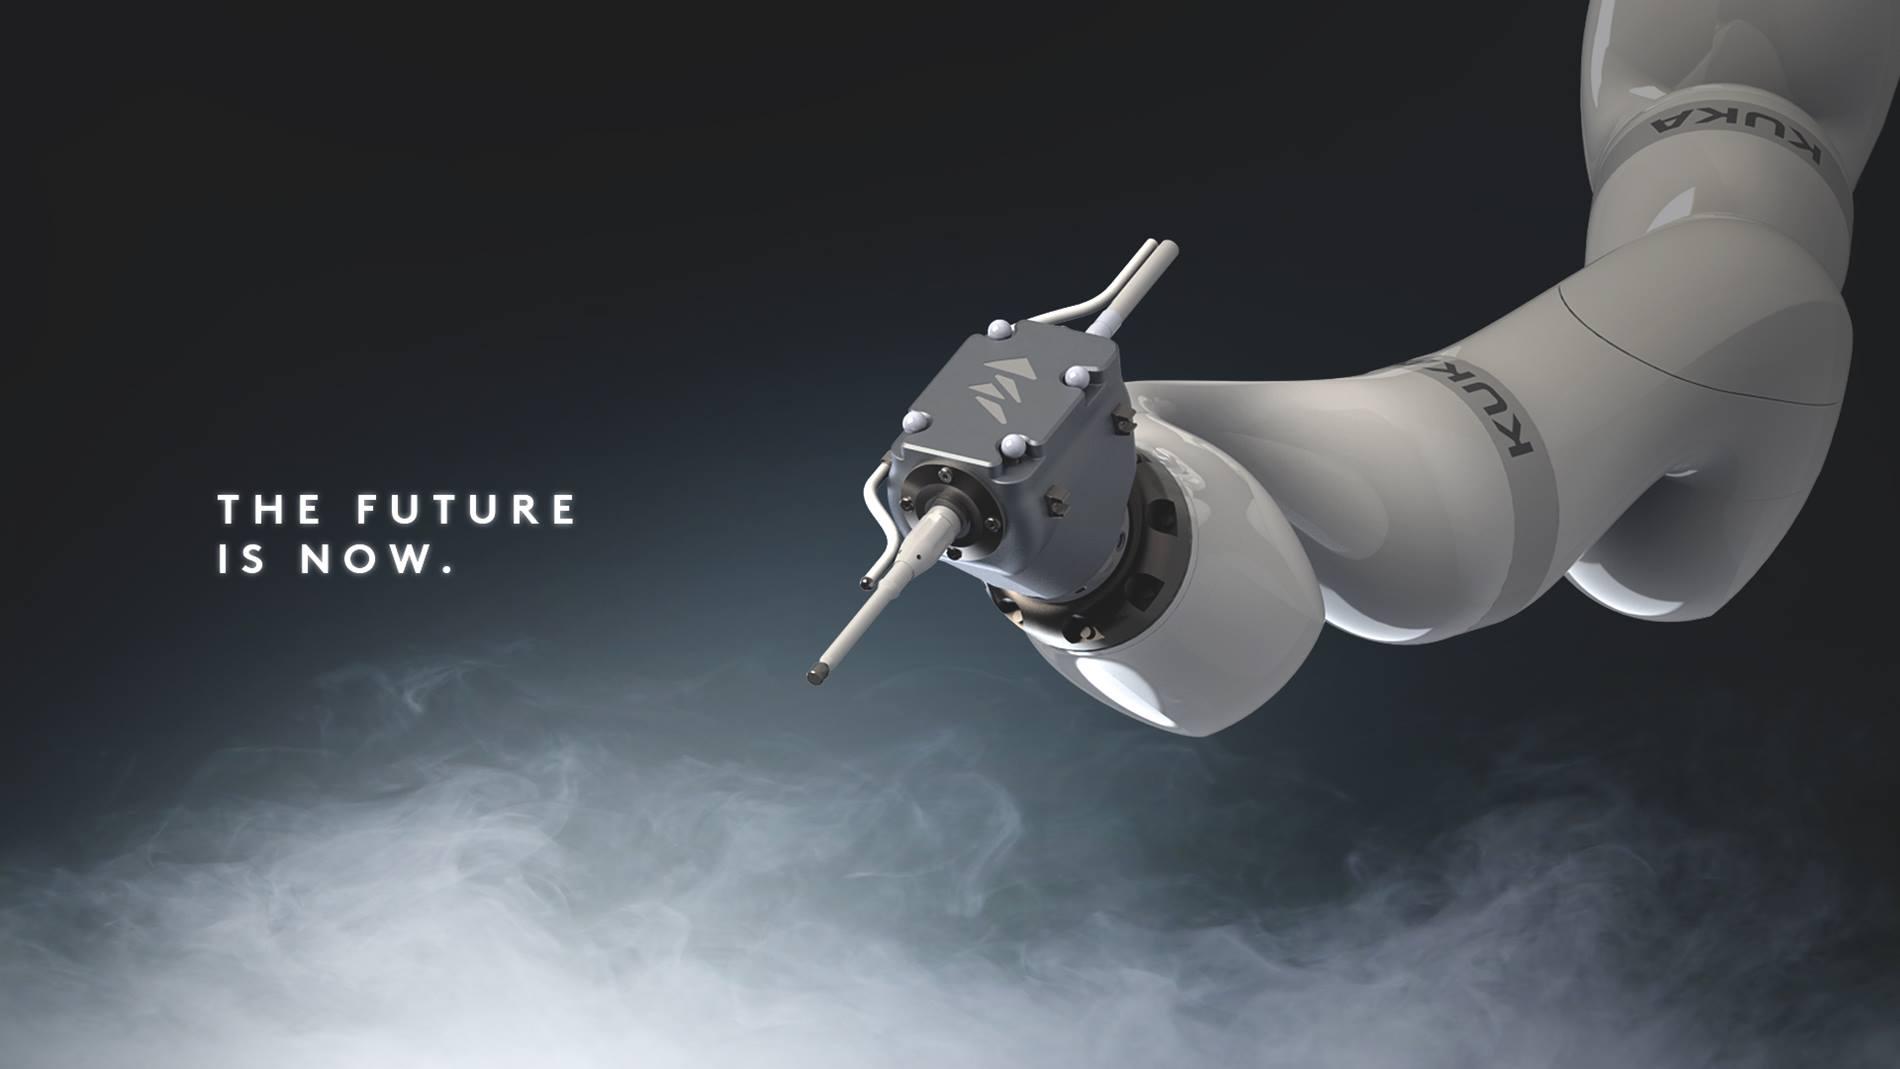 ロボット支援システムが関節置換術をカスタマイズ